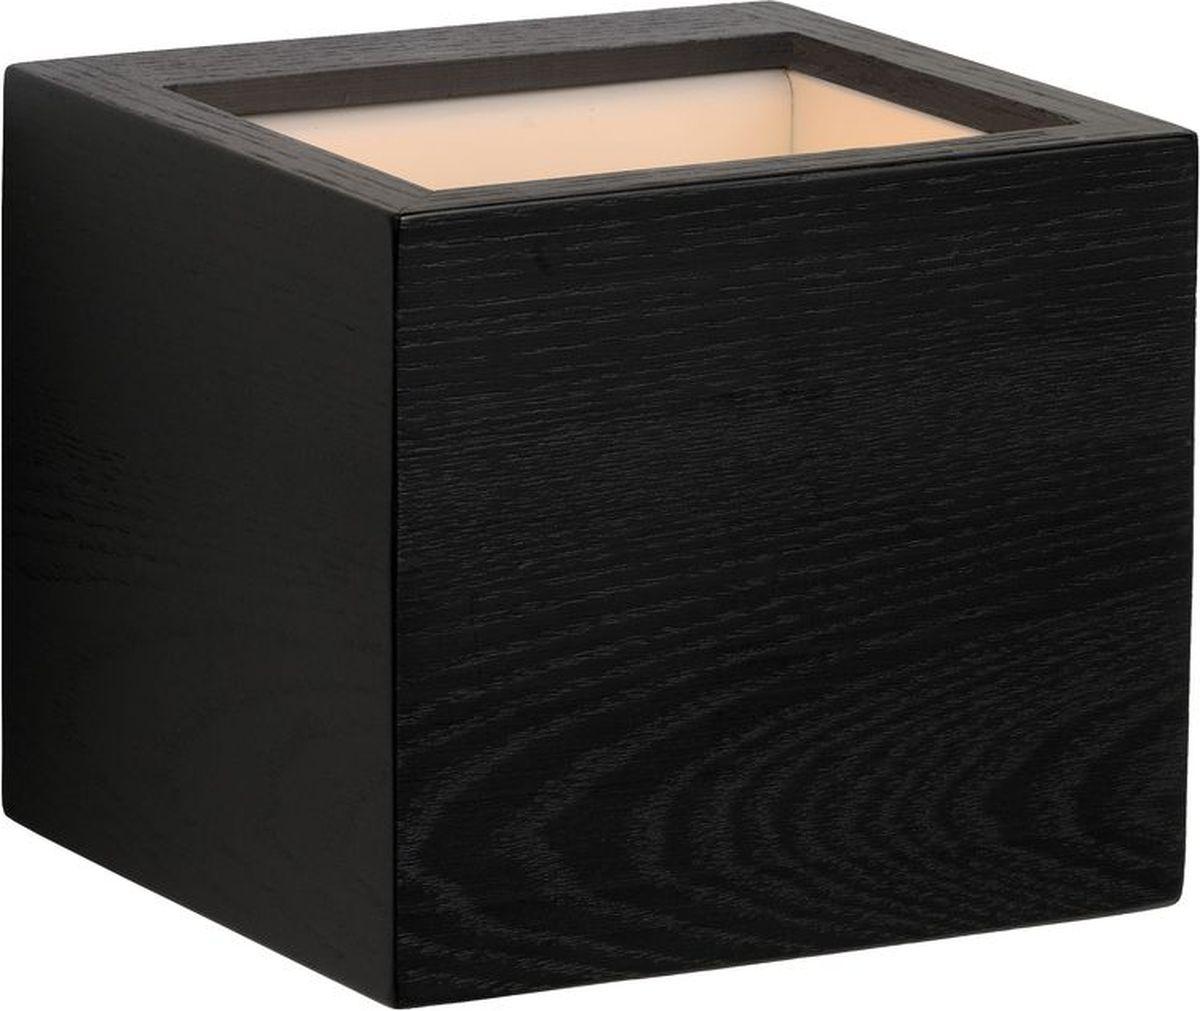 Светильник настенный Lucide Coba, цвет: черный, G9, 4 Вт. 17202/21/3017202/21/30